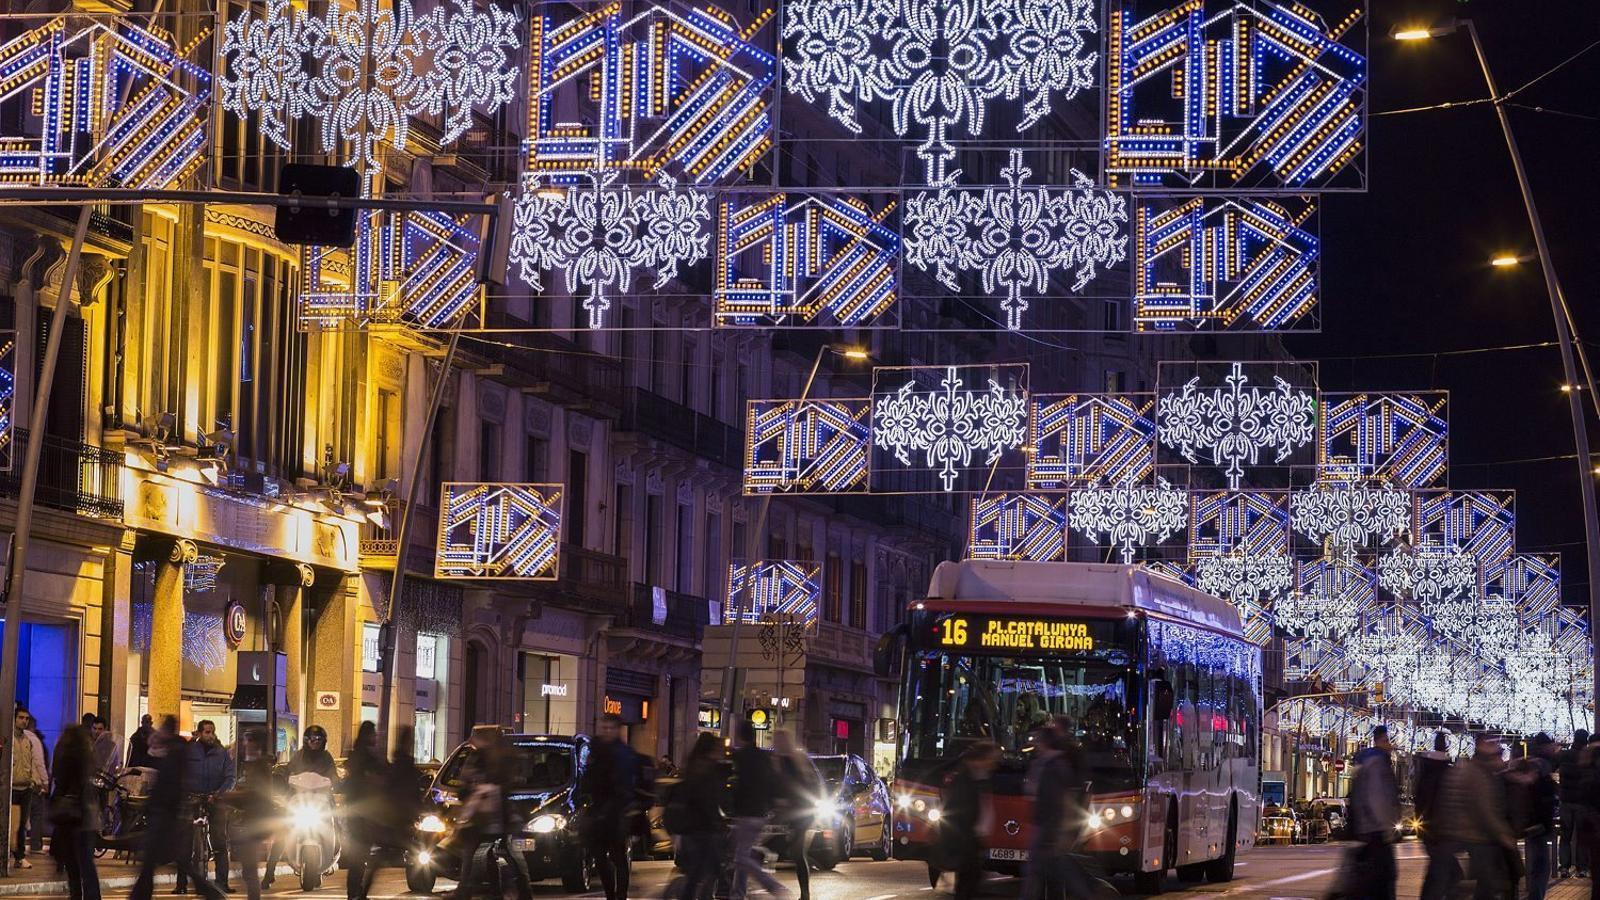 L'any passat Barcelona va encendre els llums de Nadal el 21 de novembre, i aquest any ho farà, finalment, el 27 de novembre.